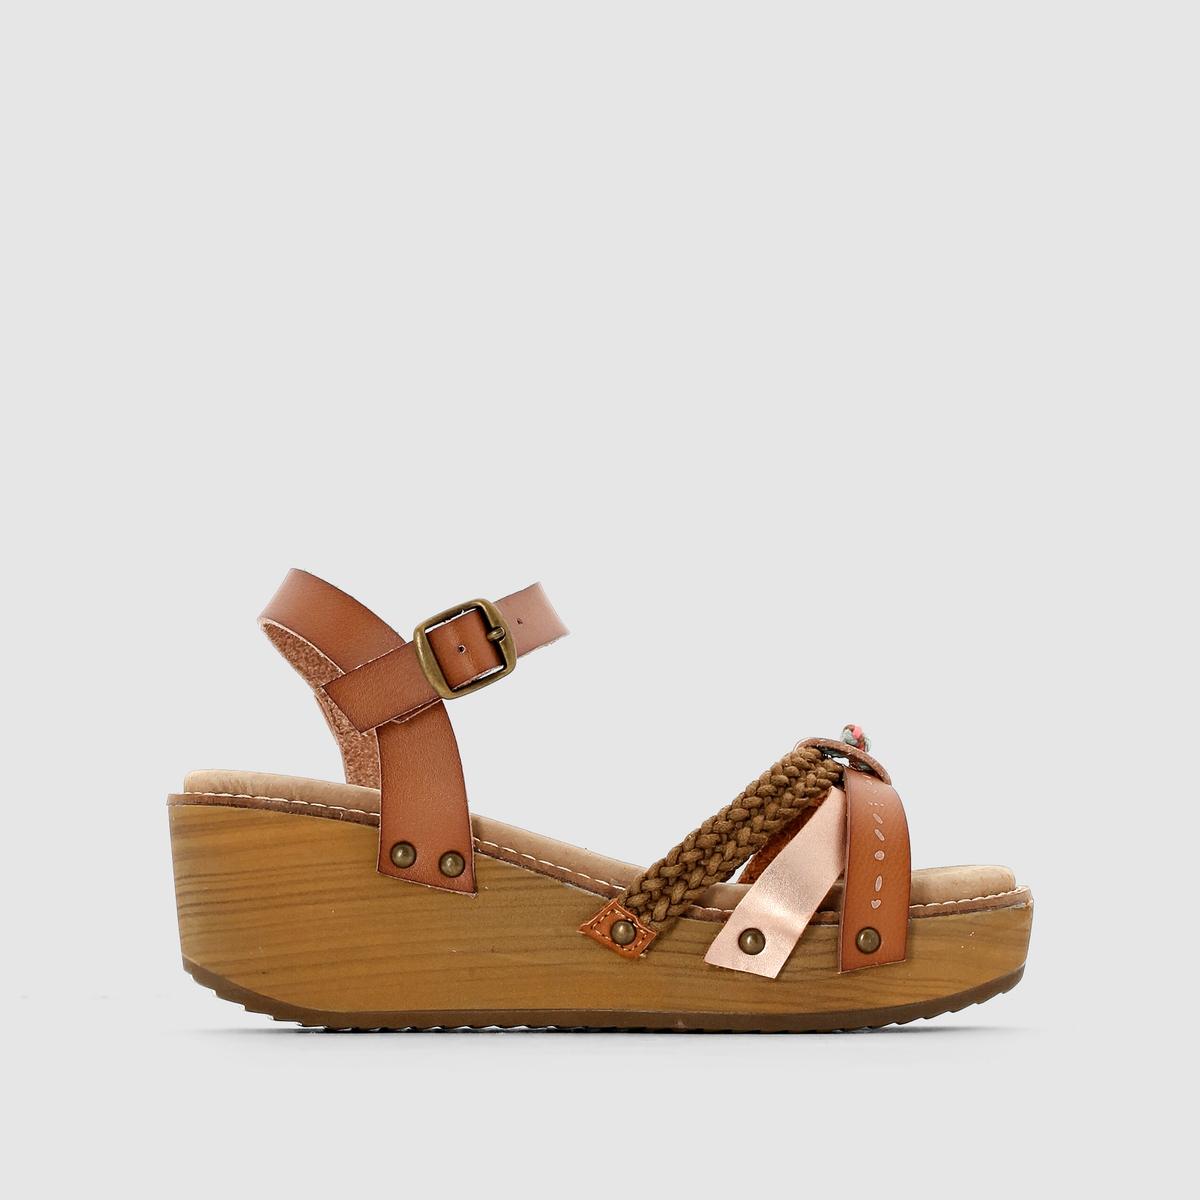 Босоножки на танкетке, ремешок вокруг щиколотки, CELINEБосоножки на танкетке, ремешок вокруг щиколотки, CELINE от COOLWAY.Верх : синтетикаПодкладка : без подкладкиСтелька : кожаПодошва : каучукЗастежка : ремешок с пряжкойВысота каблука  : 5,5 см Городской, новый и модный стиль, обувь, всегда соответствующая модным тенденциям и переменчивая, как наши предпочтения стиля, все это - Coolway ! Доказательством является эта новая модель босоножек, которую можно надеть не задумываясь !<br><br>Цвет: черный<br>Размер: 39